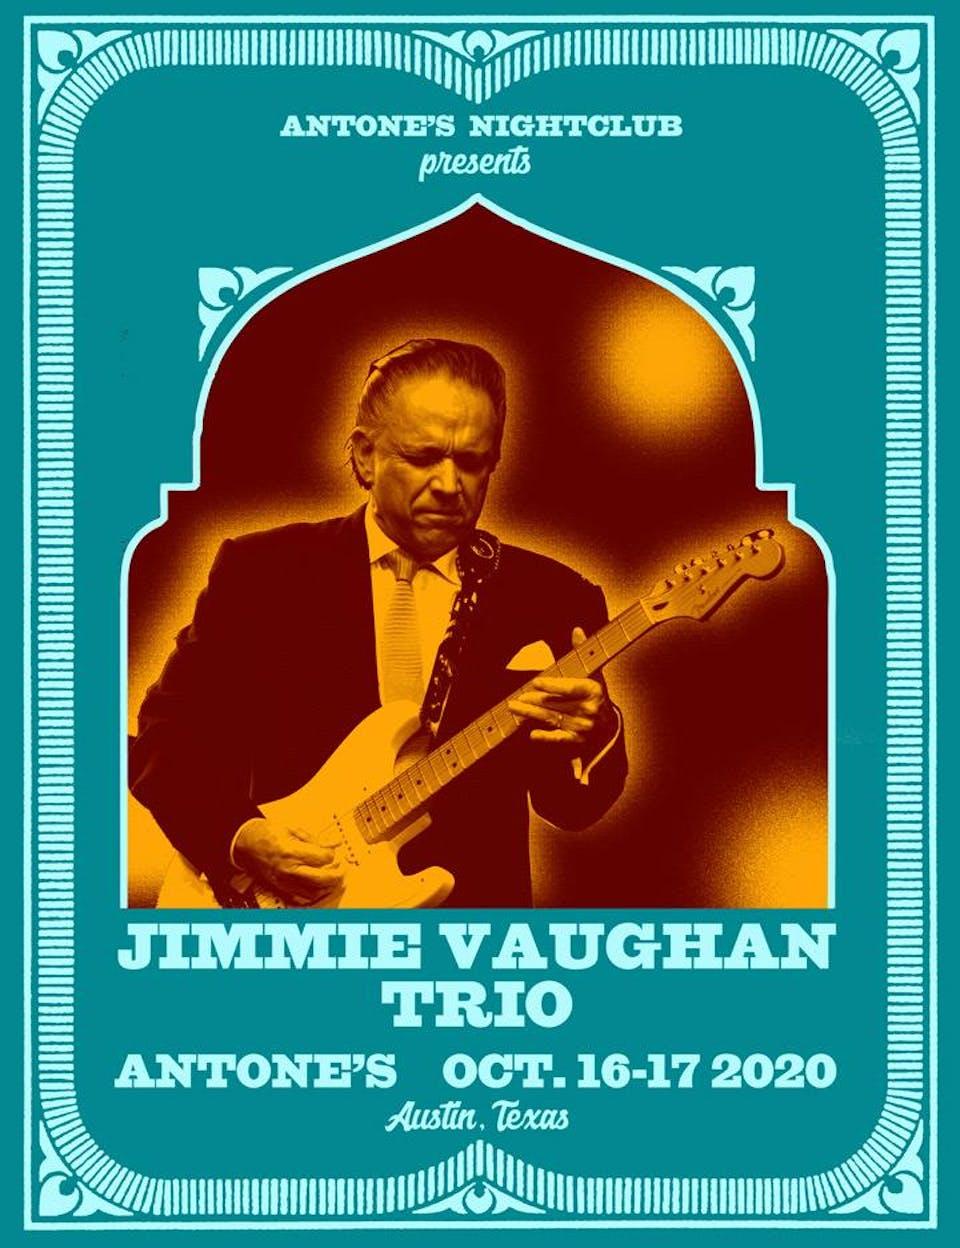 Jimmie Vaughan Trio